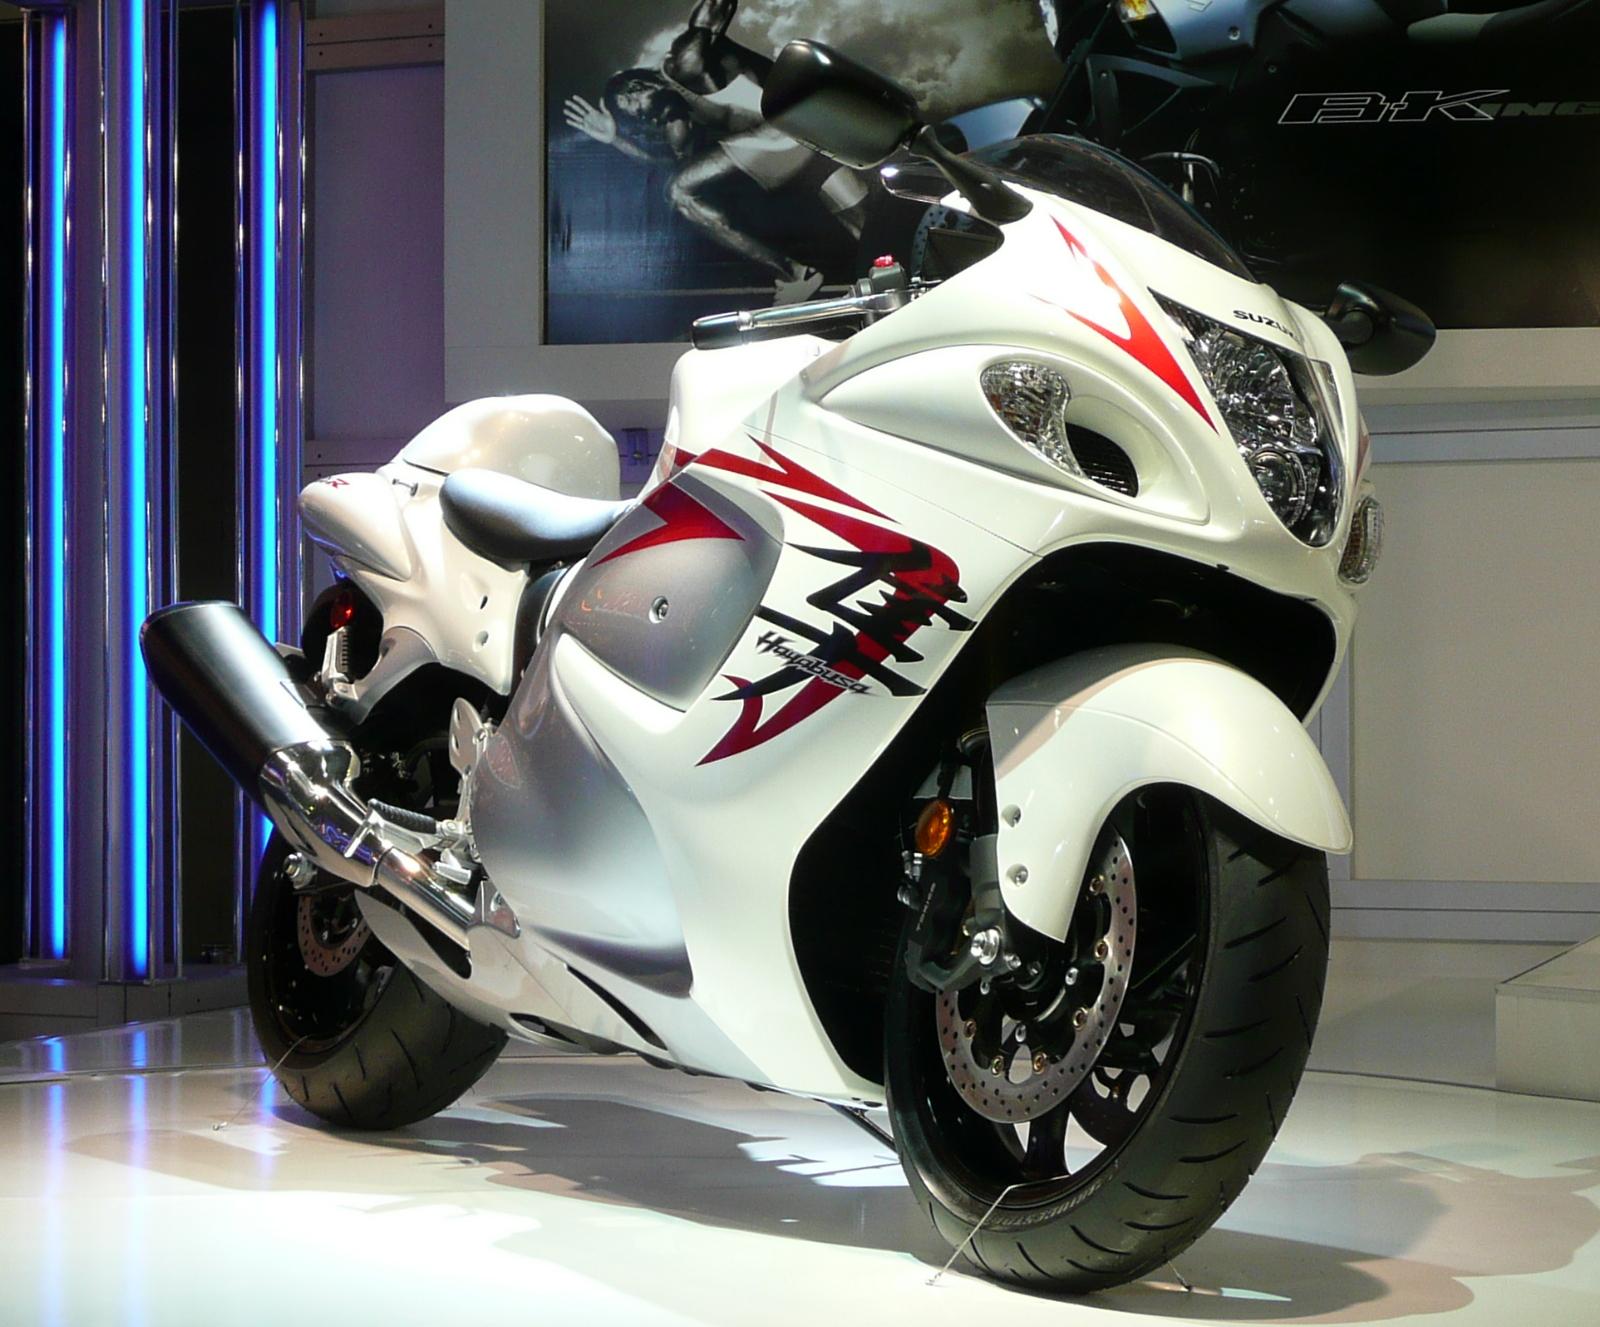 http://4.bp.blogspot.com/-KlYXpnUE_Ww/T03PtCZgYzI/AAAAAAAAA3s/3G53tknQB1M/s1600/Suzuki+Bike+Wallpaper+6.jpg